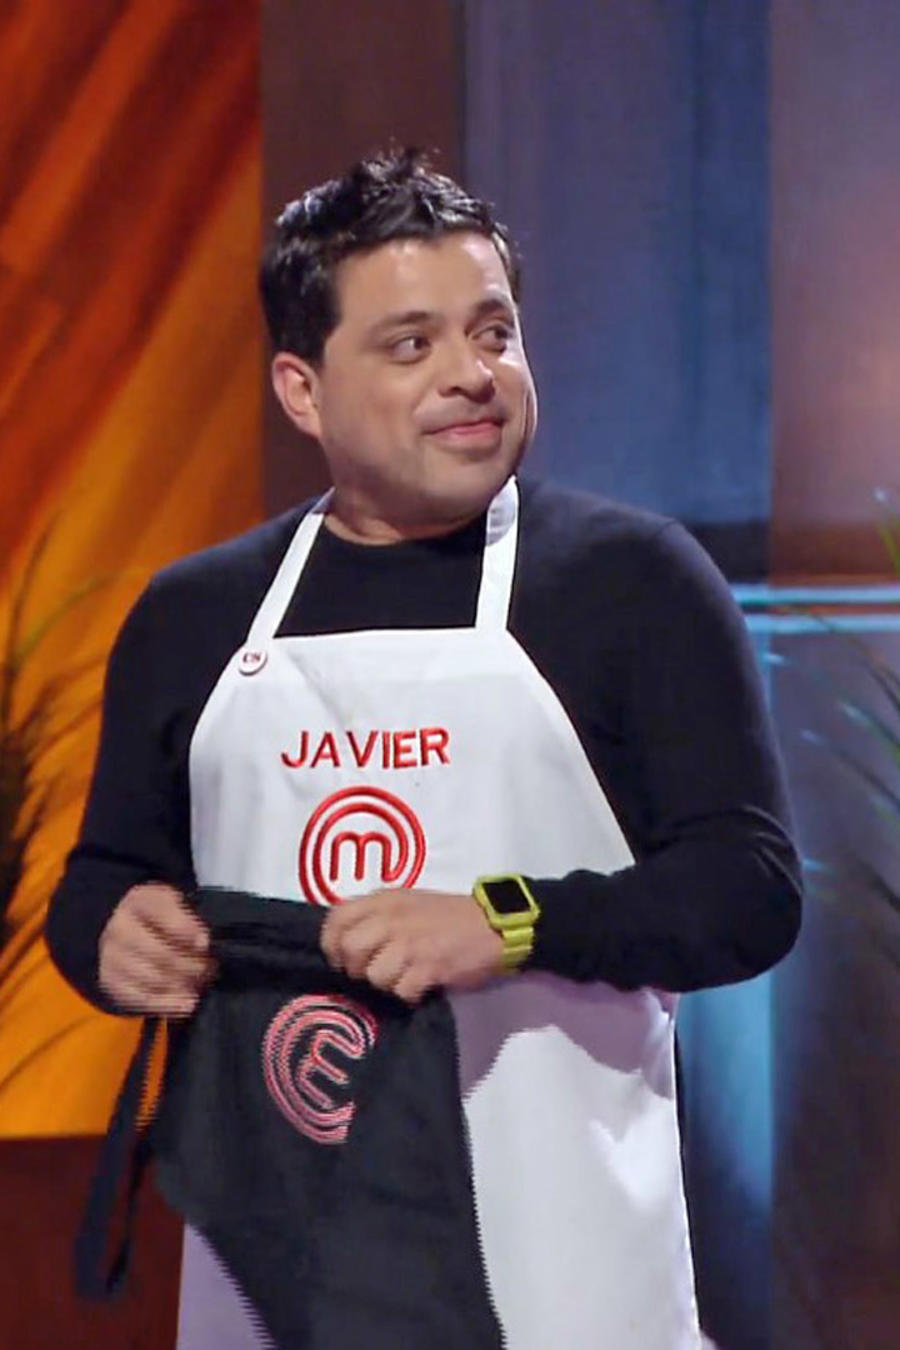 Javier decidió entregar el delantal negro a John